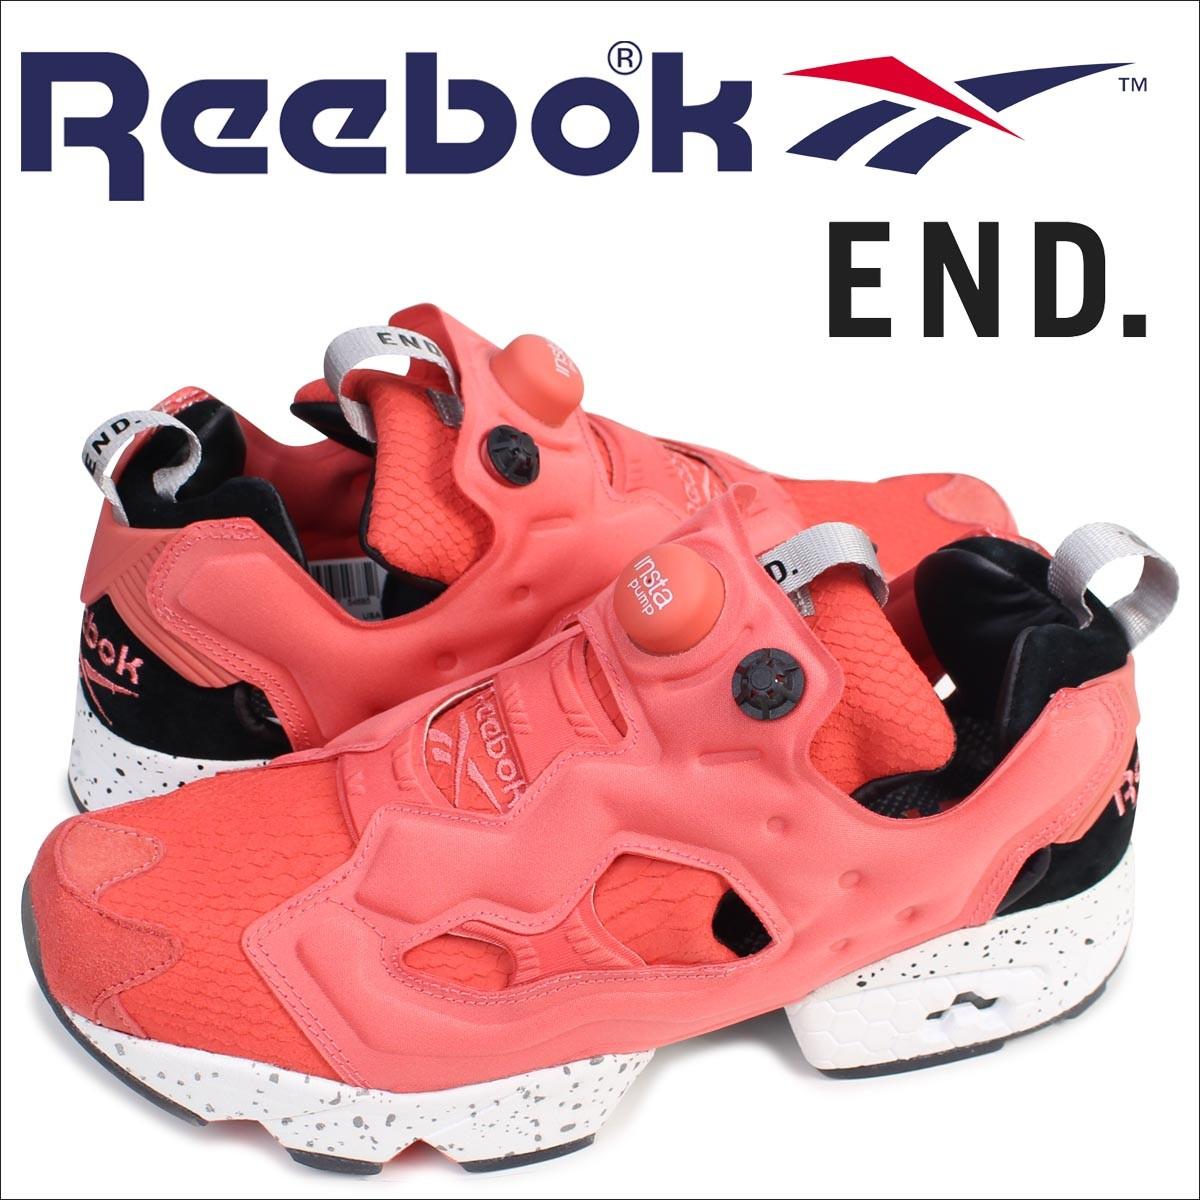 リーボック ポンプフューリー スニーカー Reebok END INSTAPUMP FURY OG PINK SALMON BD3346 メンズ エンド コラボ 靴 サーモンピンク